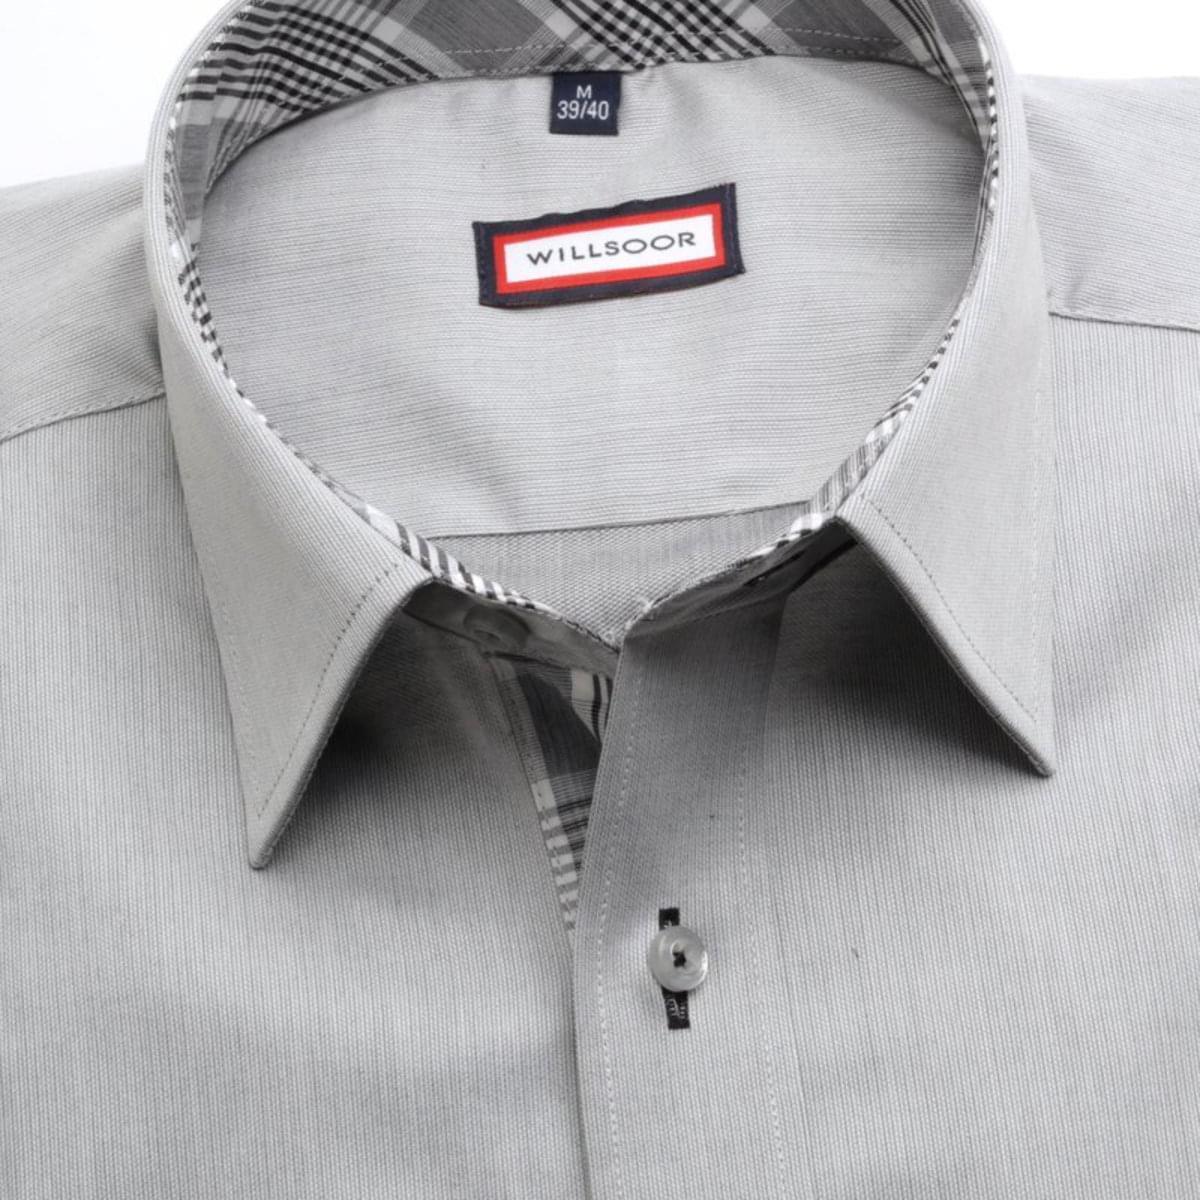 Pánska klasická košeľa (výška 176-182) 7439 v šedé farbe 176-182 / L (41/42)